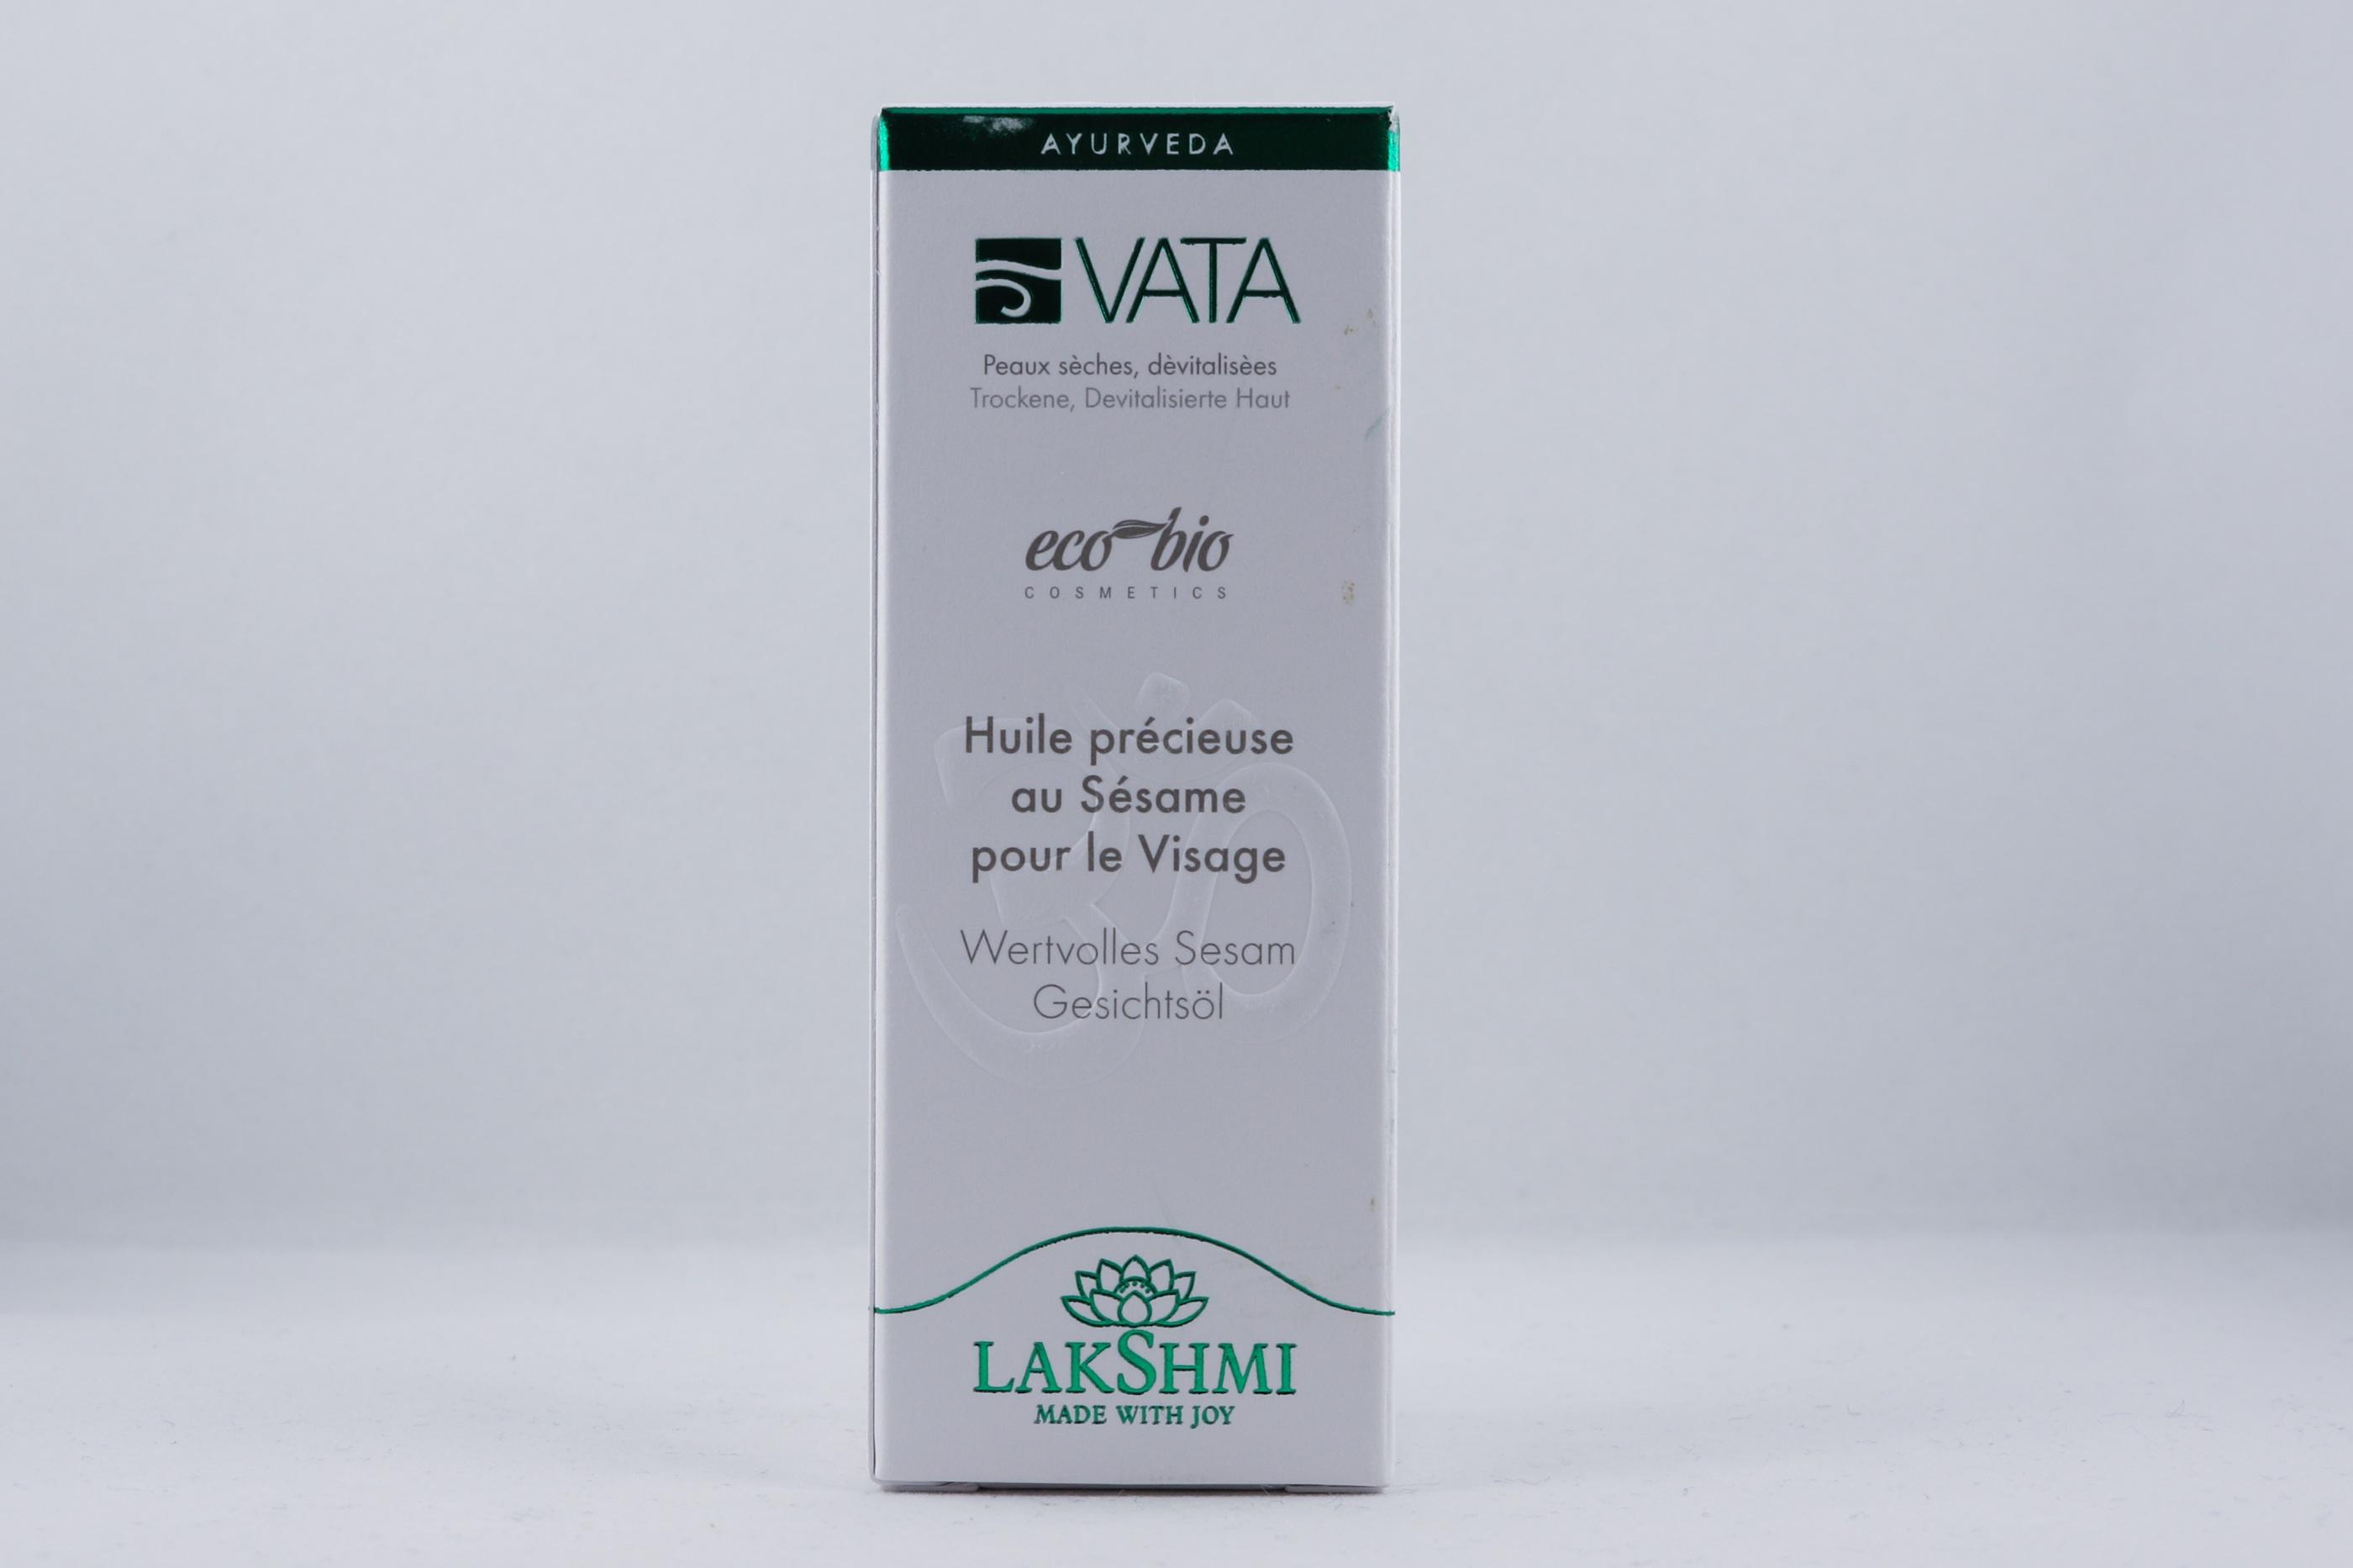 Vata Precious Sesame Face Oil hudvårdsprodukt hudvårdstyp alternativ hälsa wellness ayurveda Lakshmi